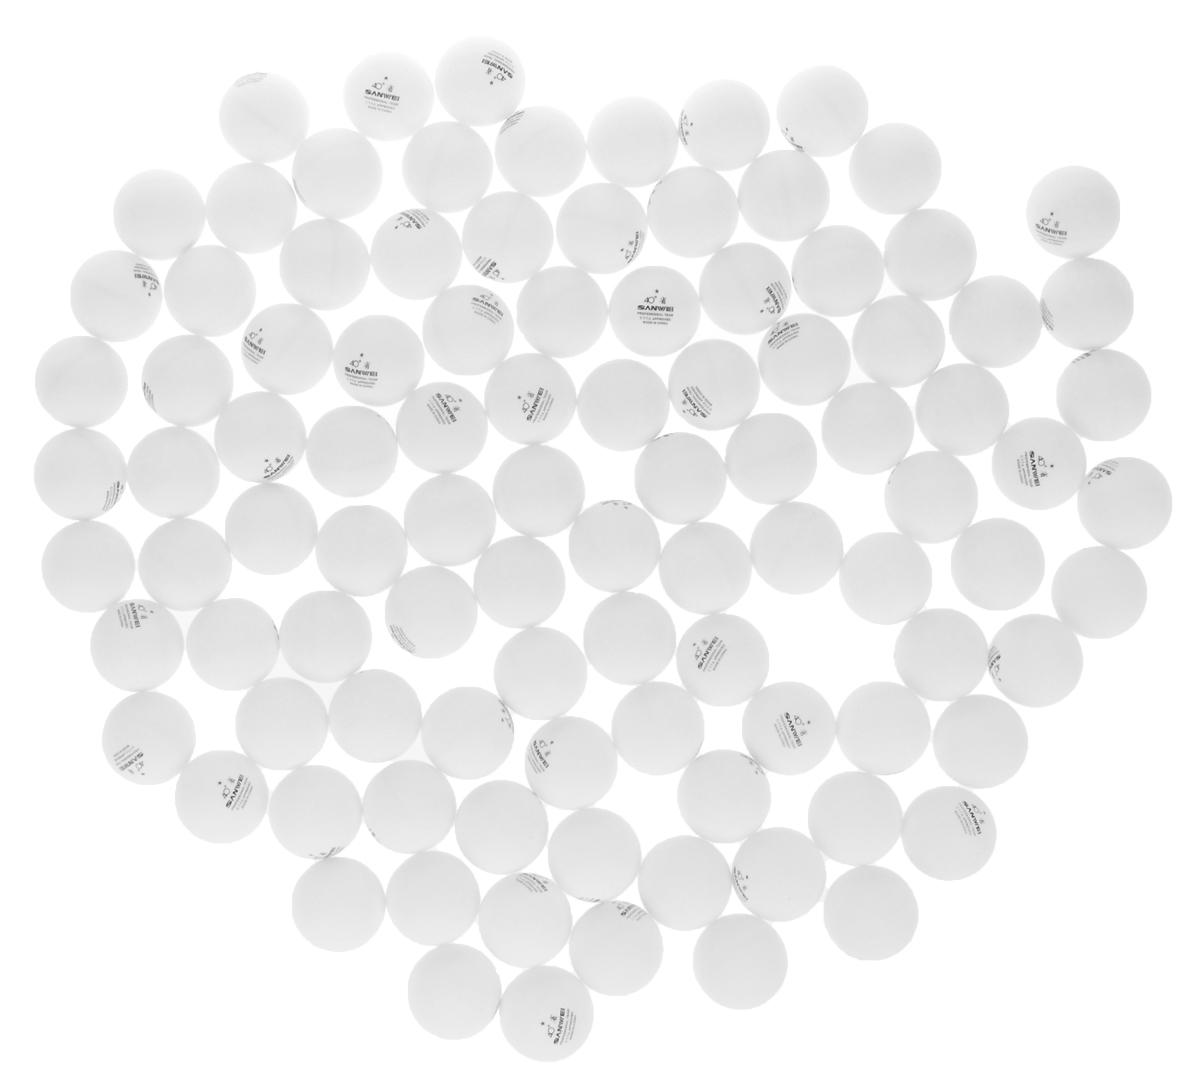 Шарики для пинг-понга Sanwei ABS, 40+, 100 шт. 4017440174Шарики Sanwei ABS используются для игры в пинг-понг. Они изготовлены из пластика и не имею швов. Шары предназначены для прогрессирующего уровня подготовки.В комплекте 100 штук.Диаметр шара: 4 см.